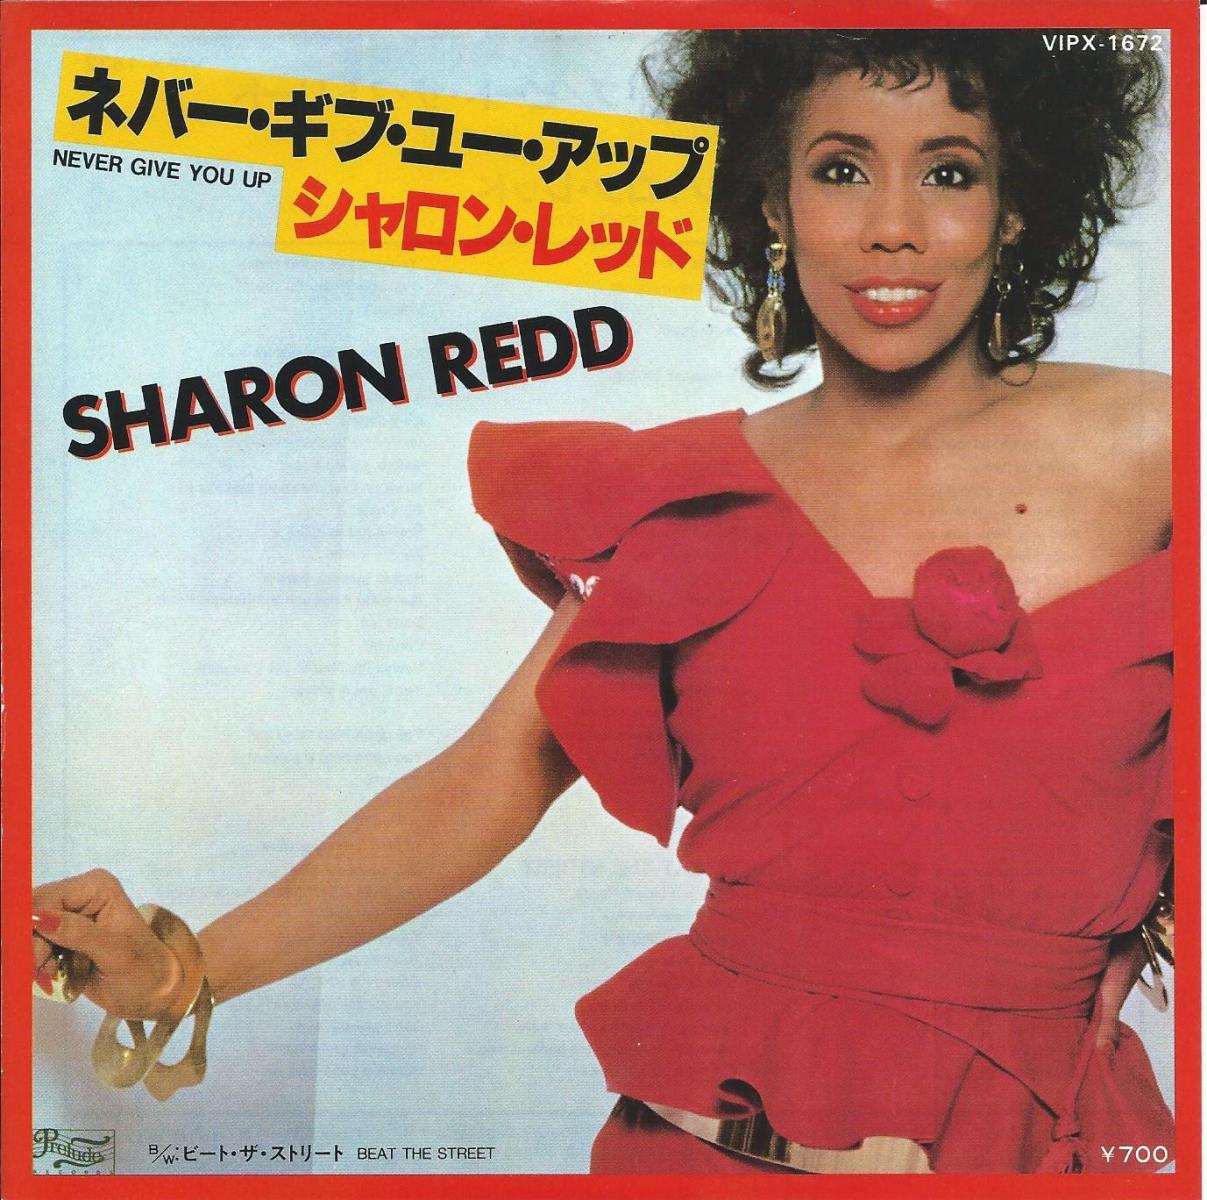 シャロン・レッド SHARON REDD / ネバー・ギブ・ユー・アップ NEVER GIVE YOU UP (7